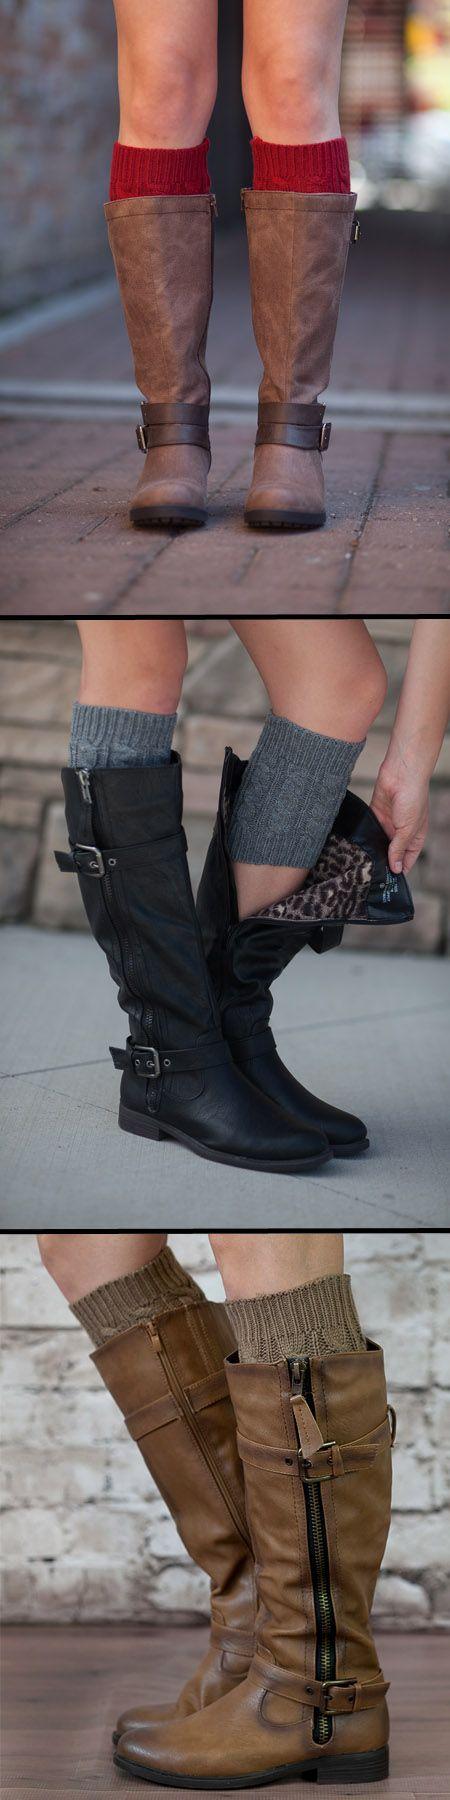 388 best Boot Cuffs images on Pinterest | Crochet boots, Boot ...